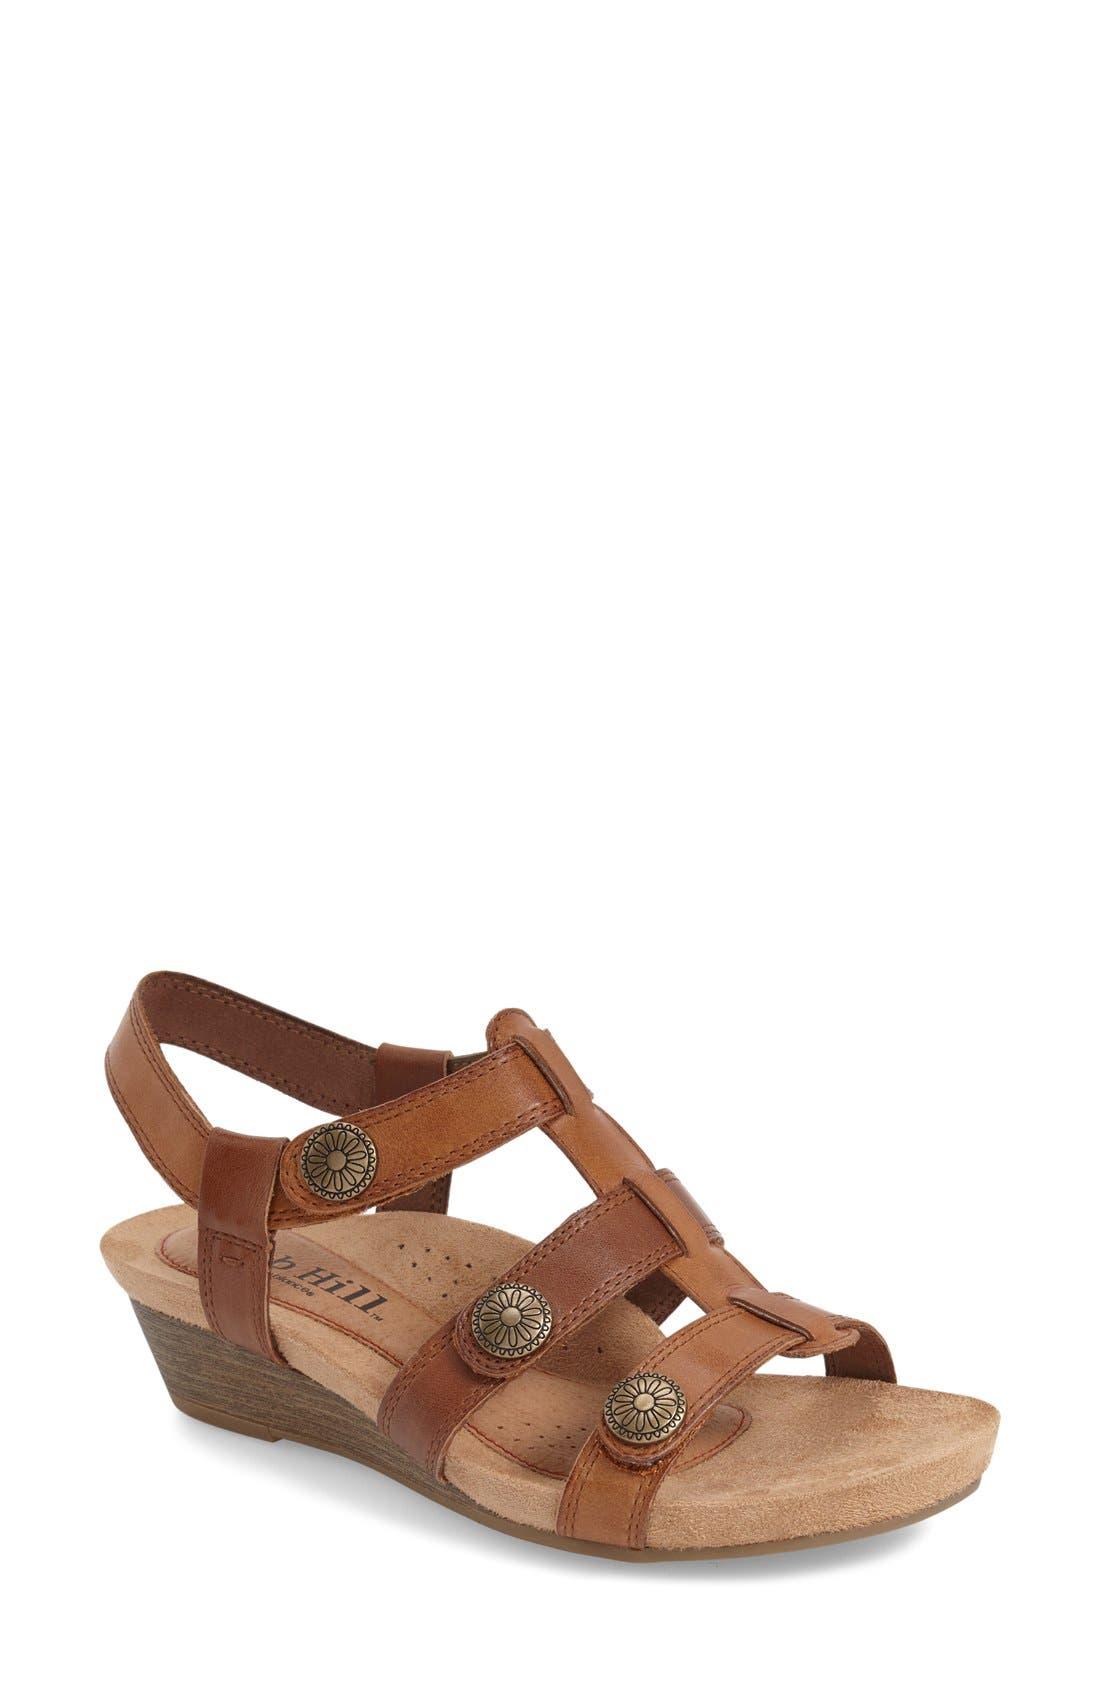 'Harper' Wedge Sandal ...